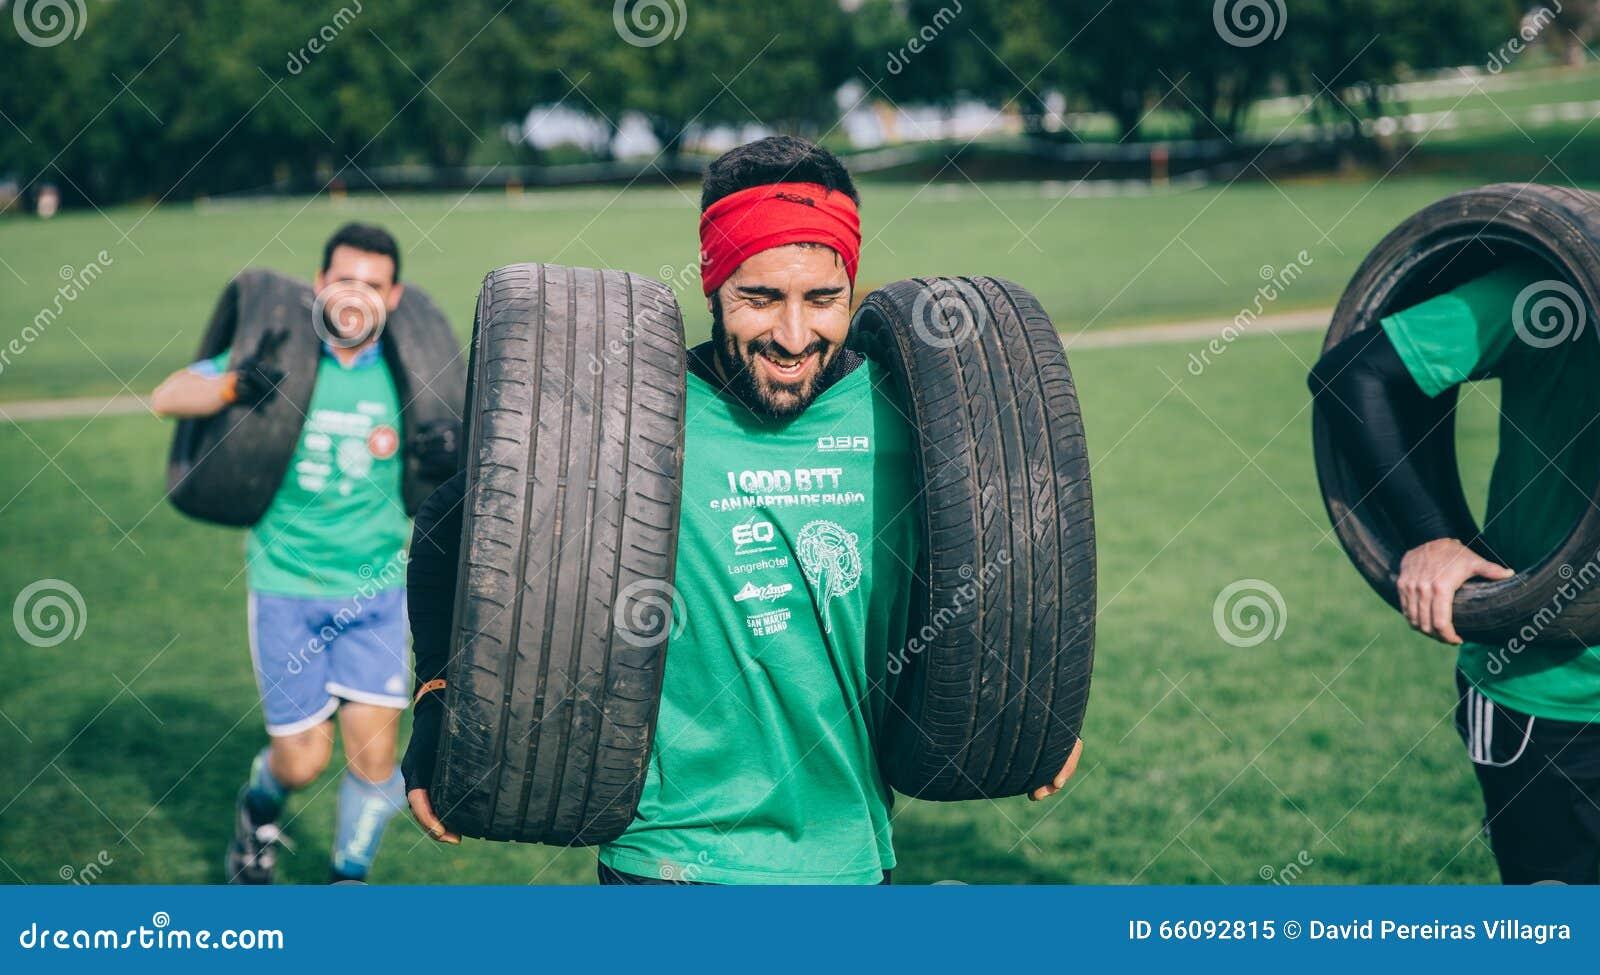 Neumáticos que llevan del corredor en una prueba de la raza de obstáculo extrema